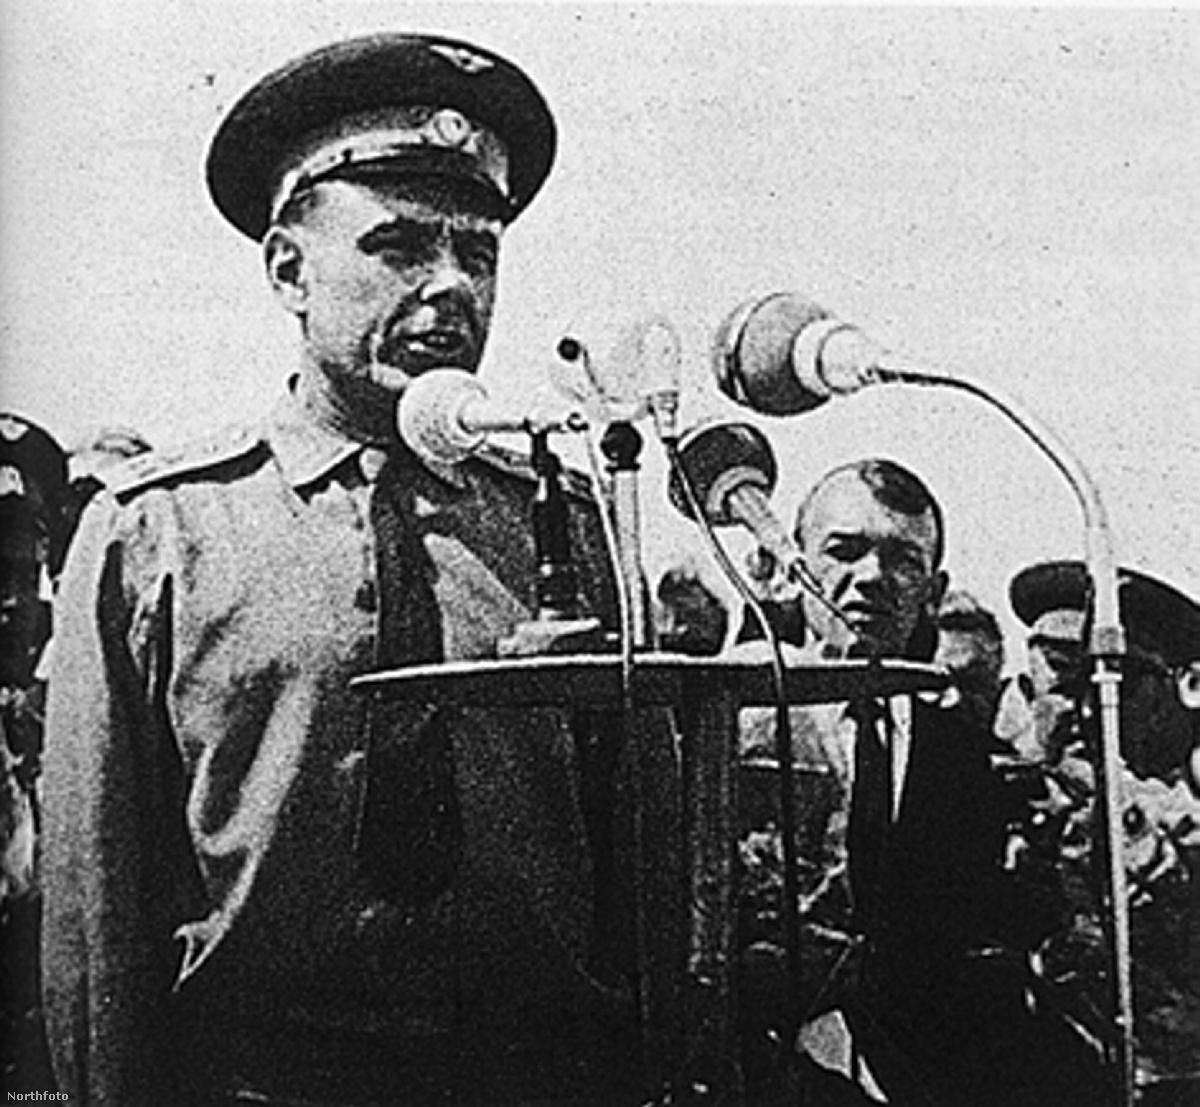 1967. április 23. Komarov a tyuratami rakétabázison, a Szojuz-1 startja előtt.